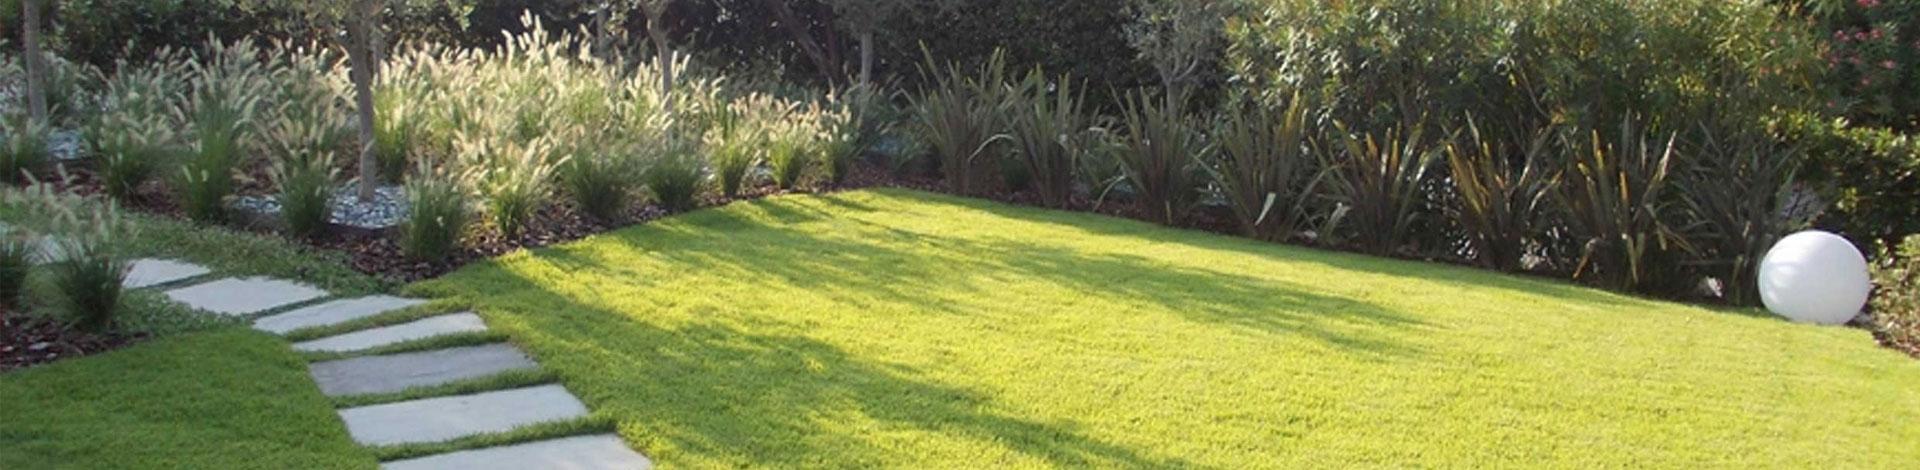 realizzazione giardini, come realizzare un giardino, giardini ... - Come Realizzare Un Giardino Zen